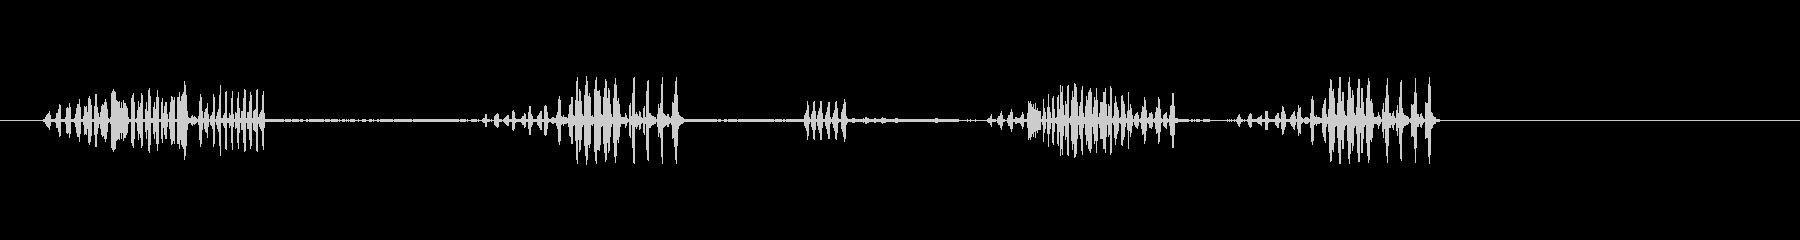 鳥、ミソサザイ;歌、近い視点。の未再生の波形